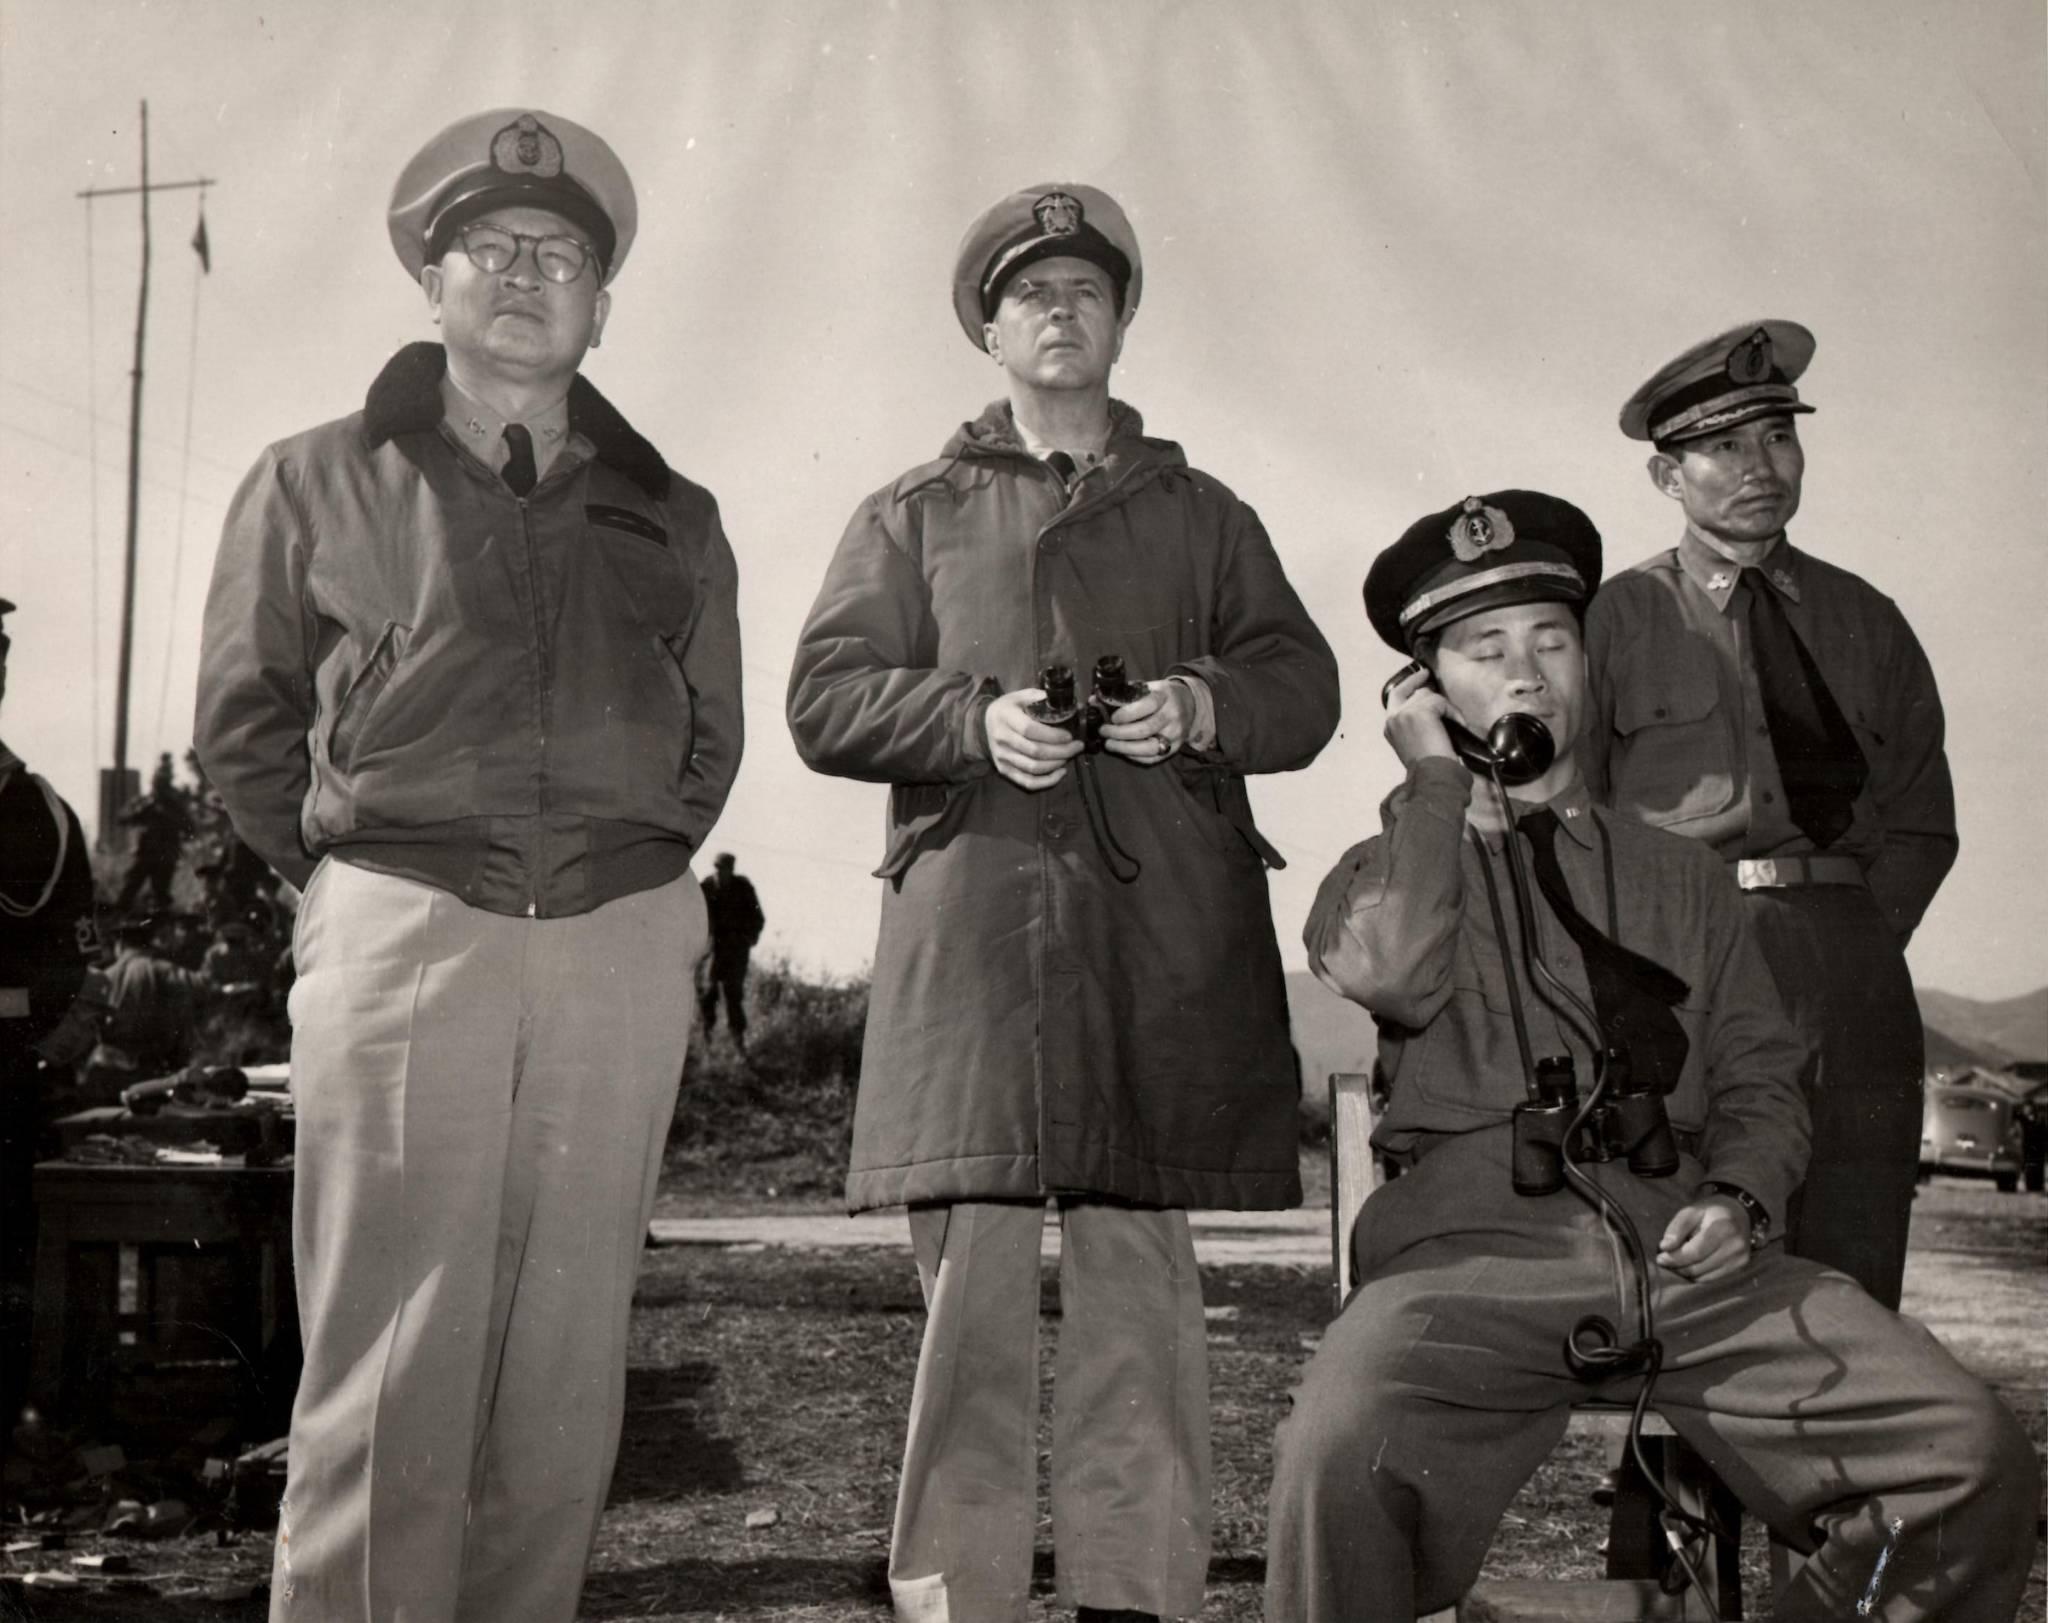 해군 초대 참모총장인 손원일 제독(제일 왼쪽) 과 마이클 루시 대령(왼쪽에서 둘째)이 훈련을 참관하는 모습. [사진 해군]